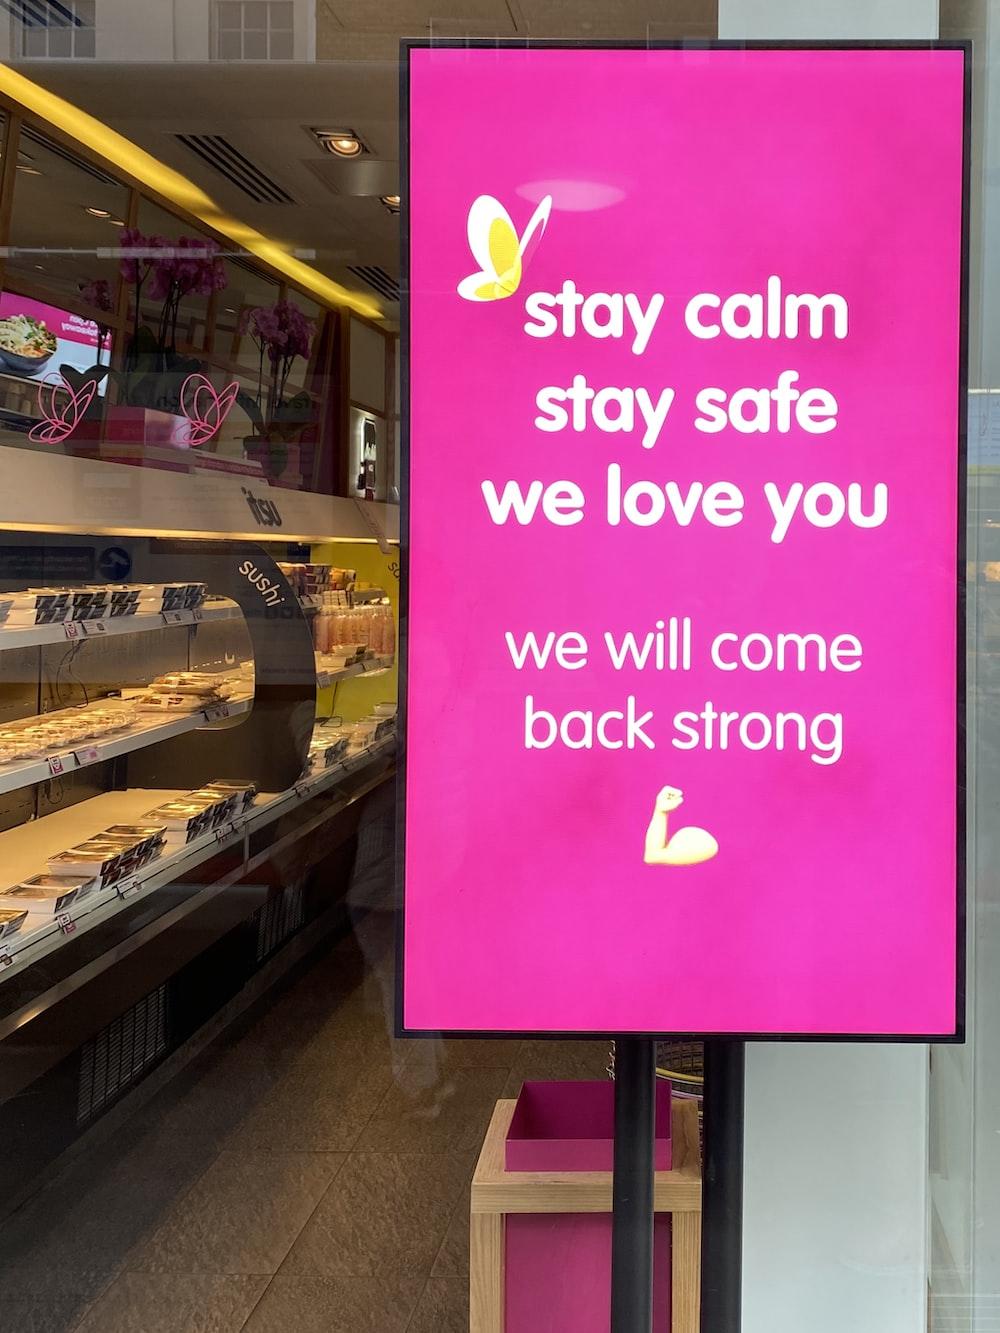 purple and pink kanji text signage